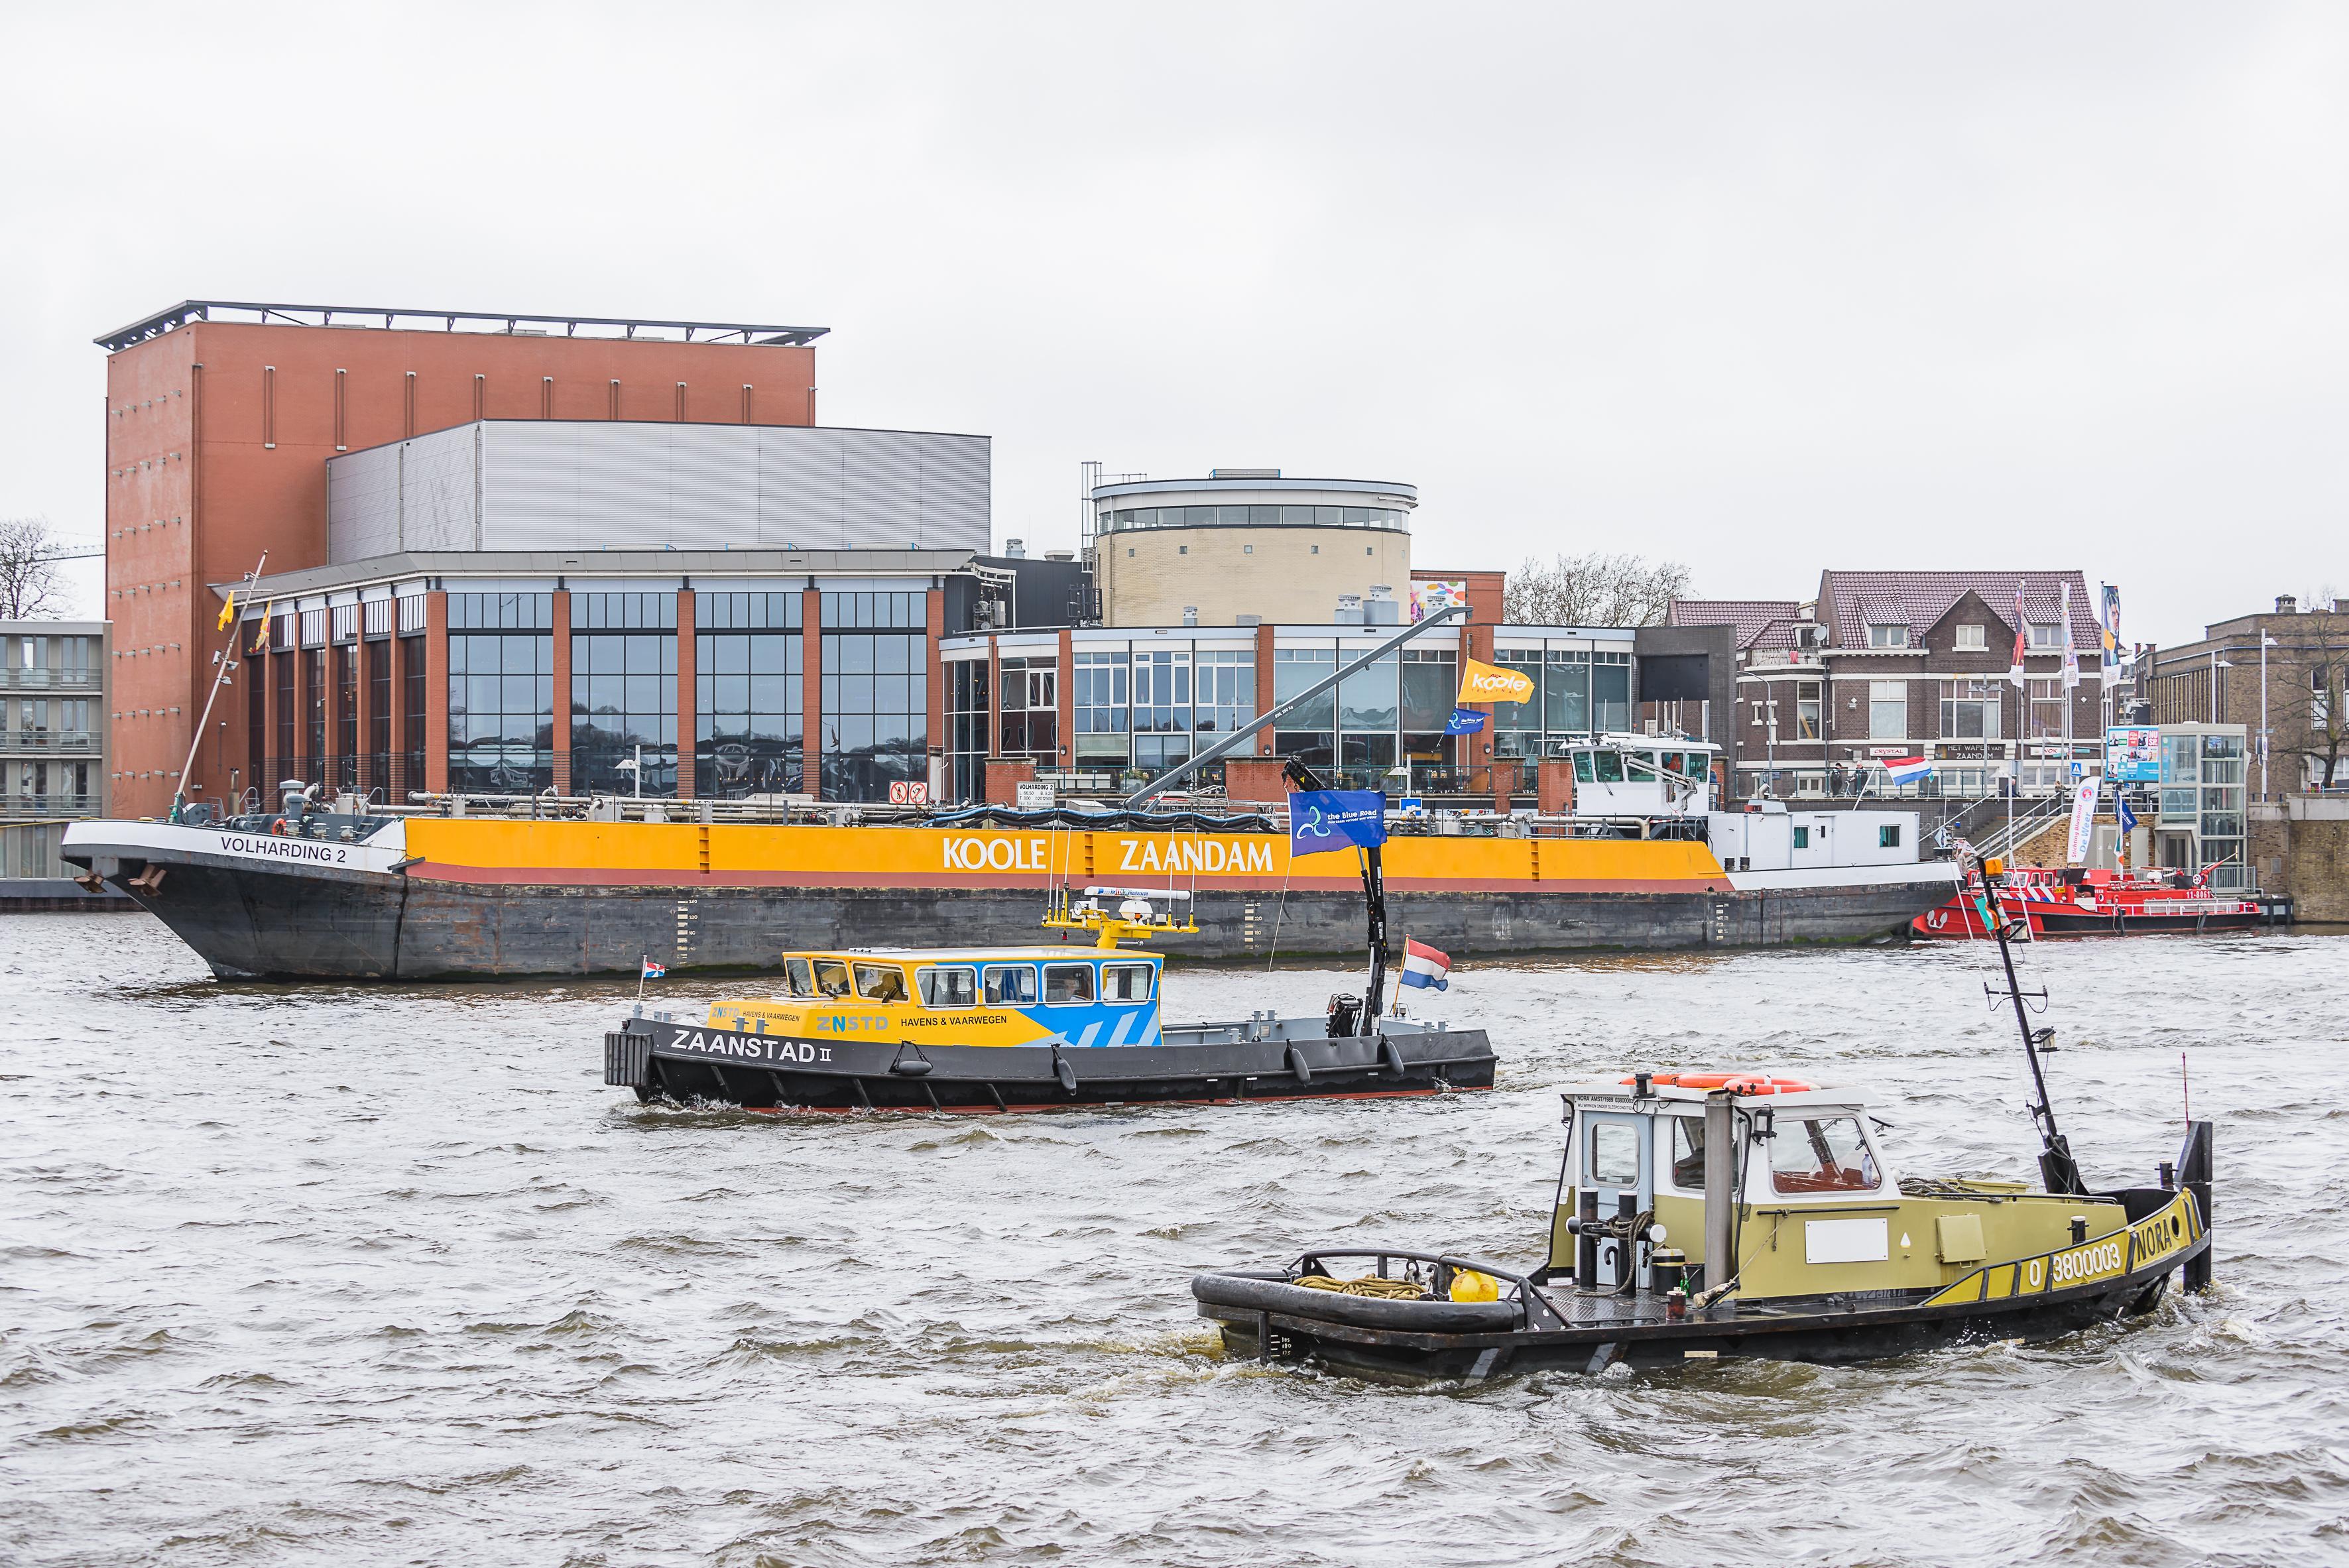 Proeven met verwerking gassen van binnenvaartschepen in Amsterdam in de strijd tegen illegaal ontgassen